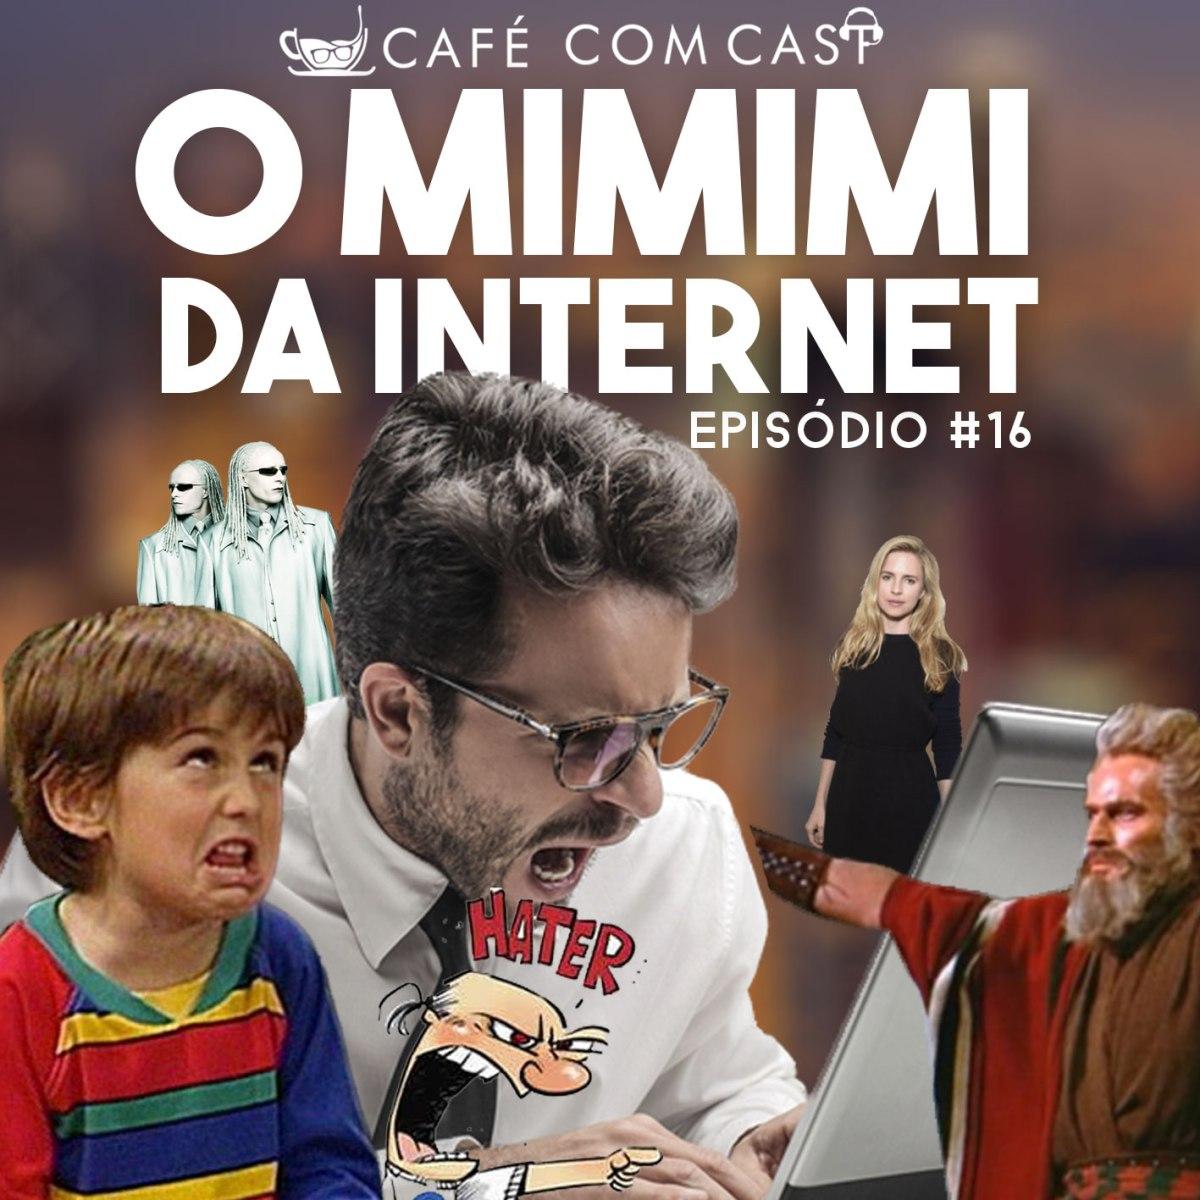 Café com cast 016 O MIMIMI daInternet